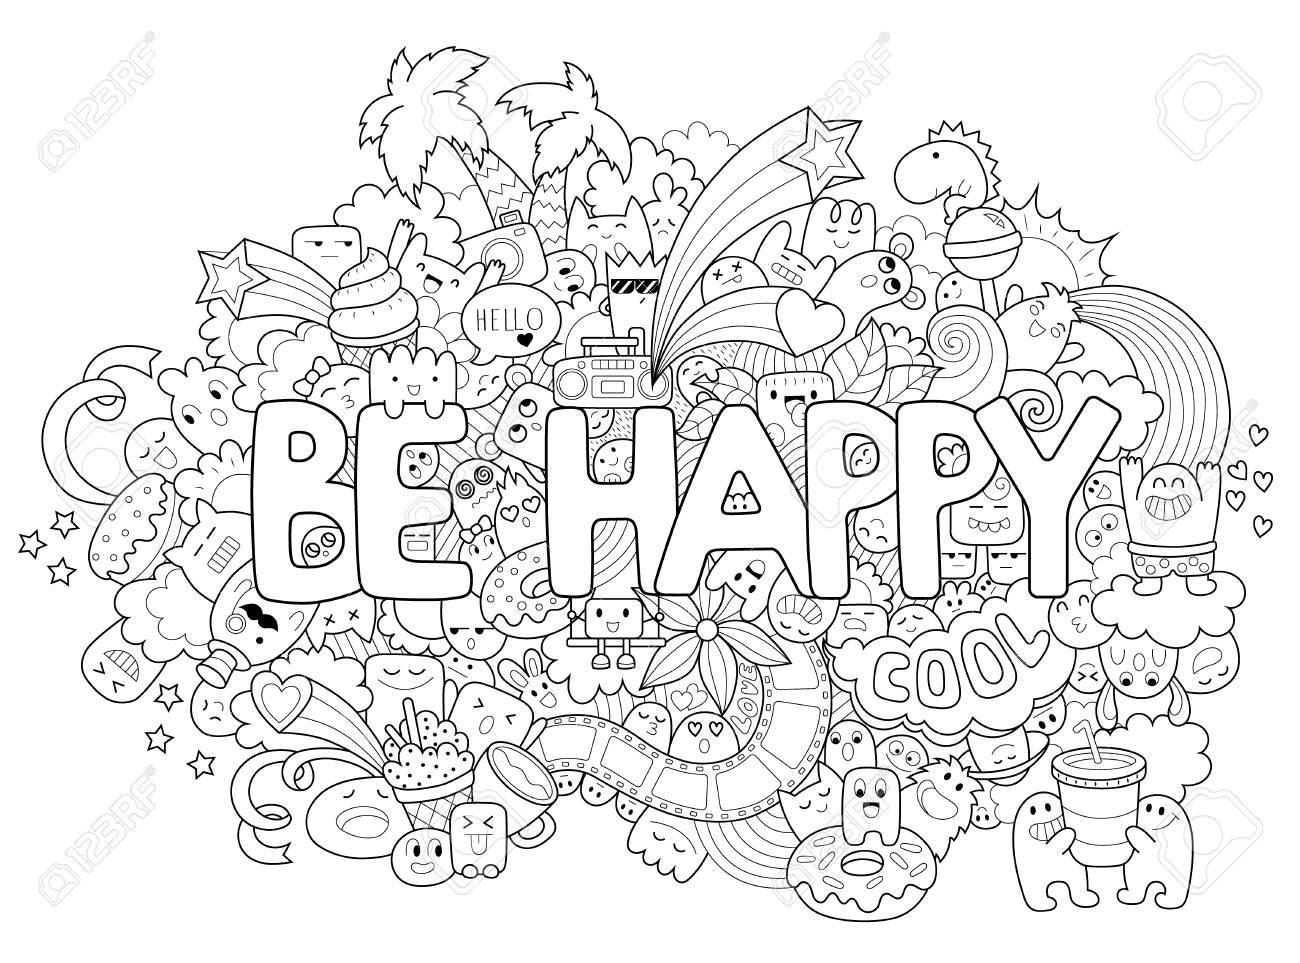 Página Para Colorear Imprimible Para Adultos Con Personajes De ...